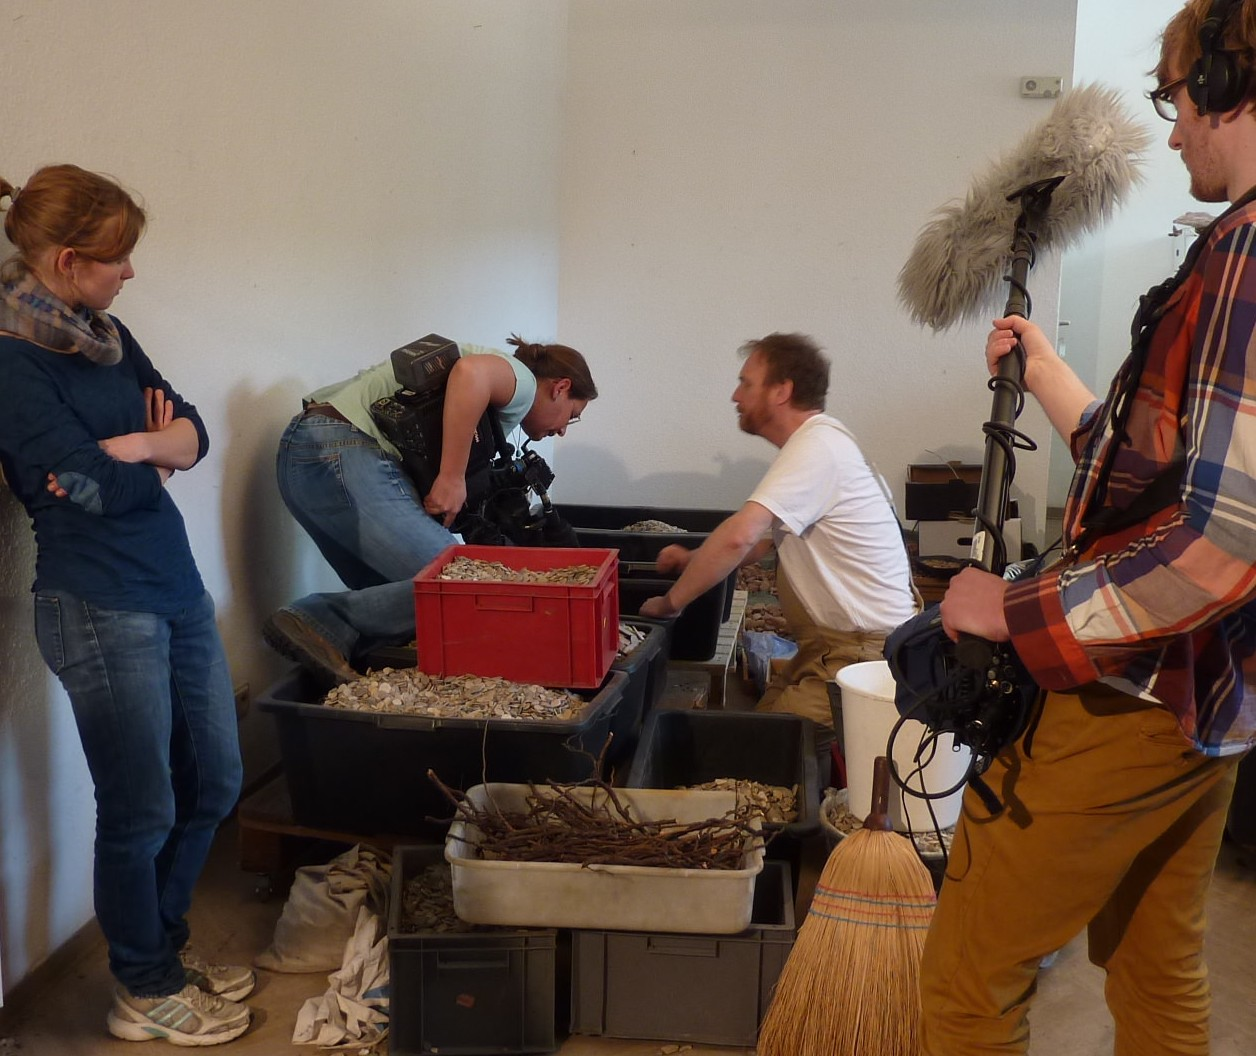 Kamerateam und Künstler Detlef Kleinen in der Werkstatt